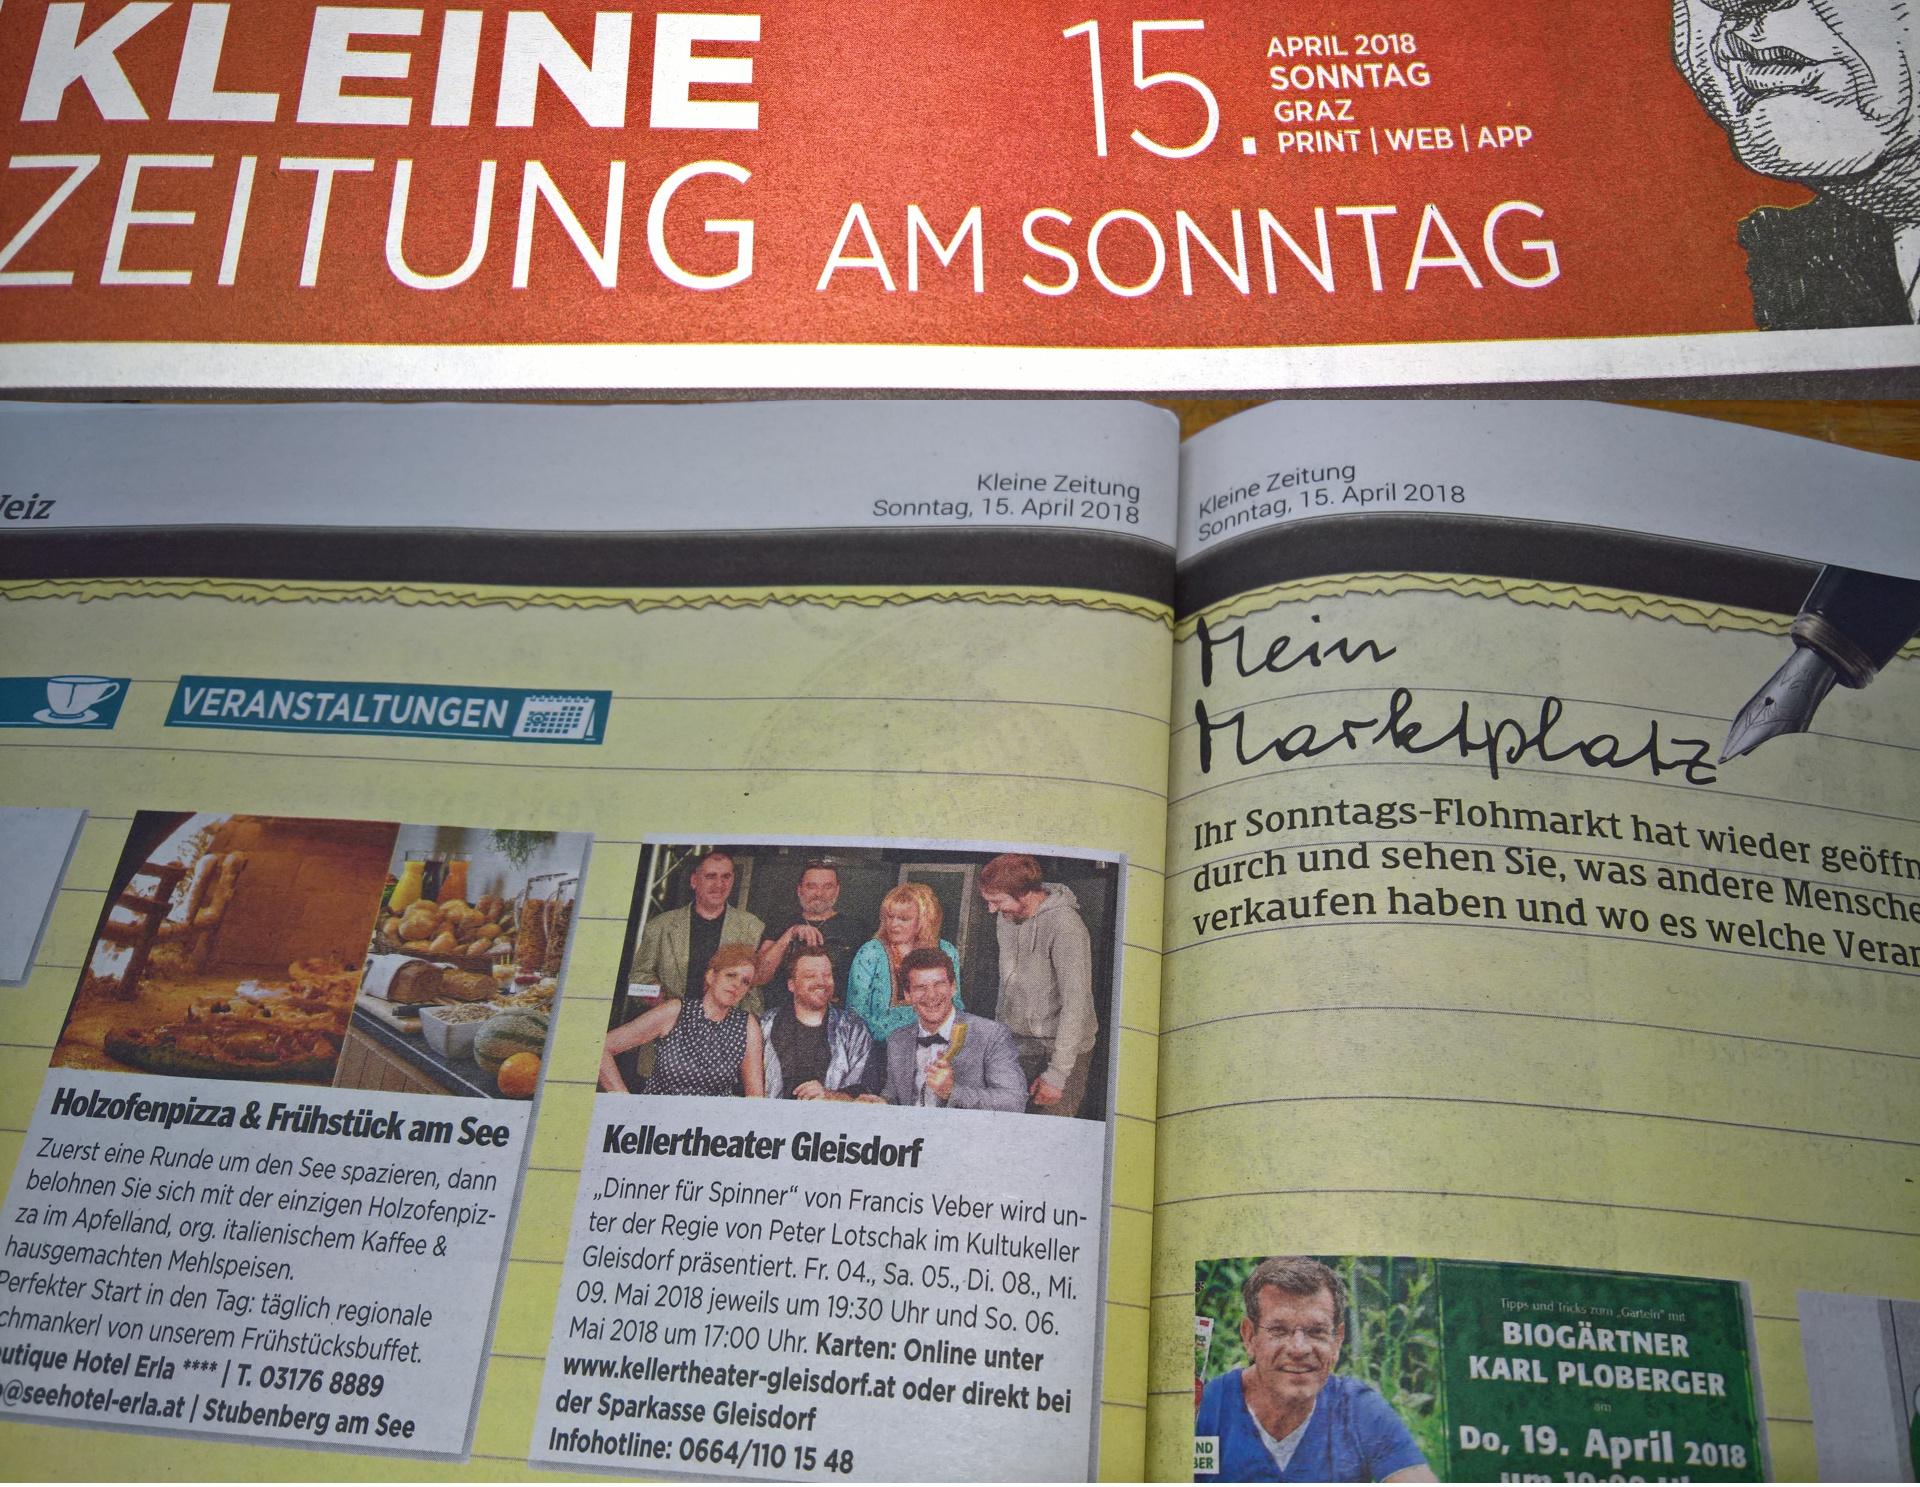 KLeine Zeitung Marktplatz Weiz & Oststeiermark